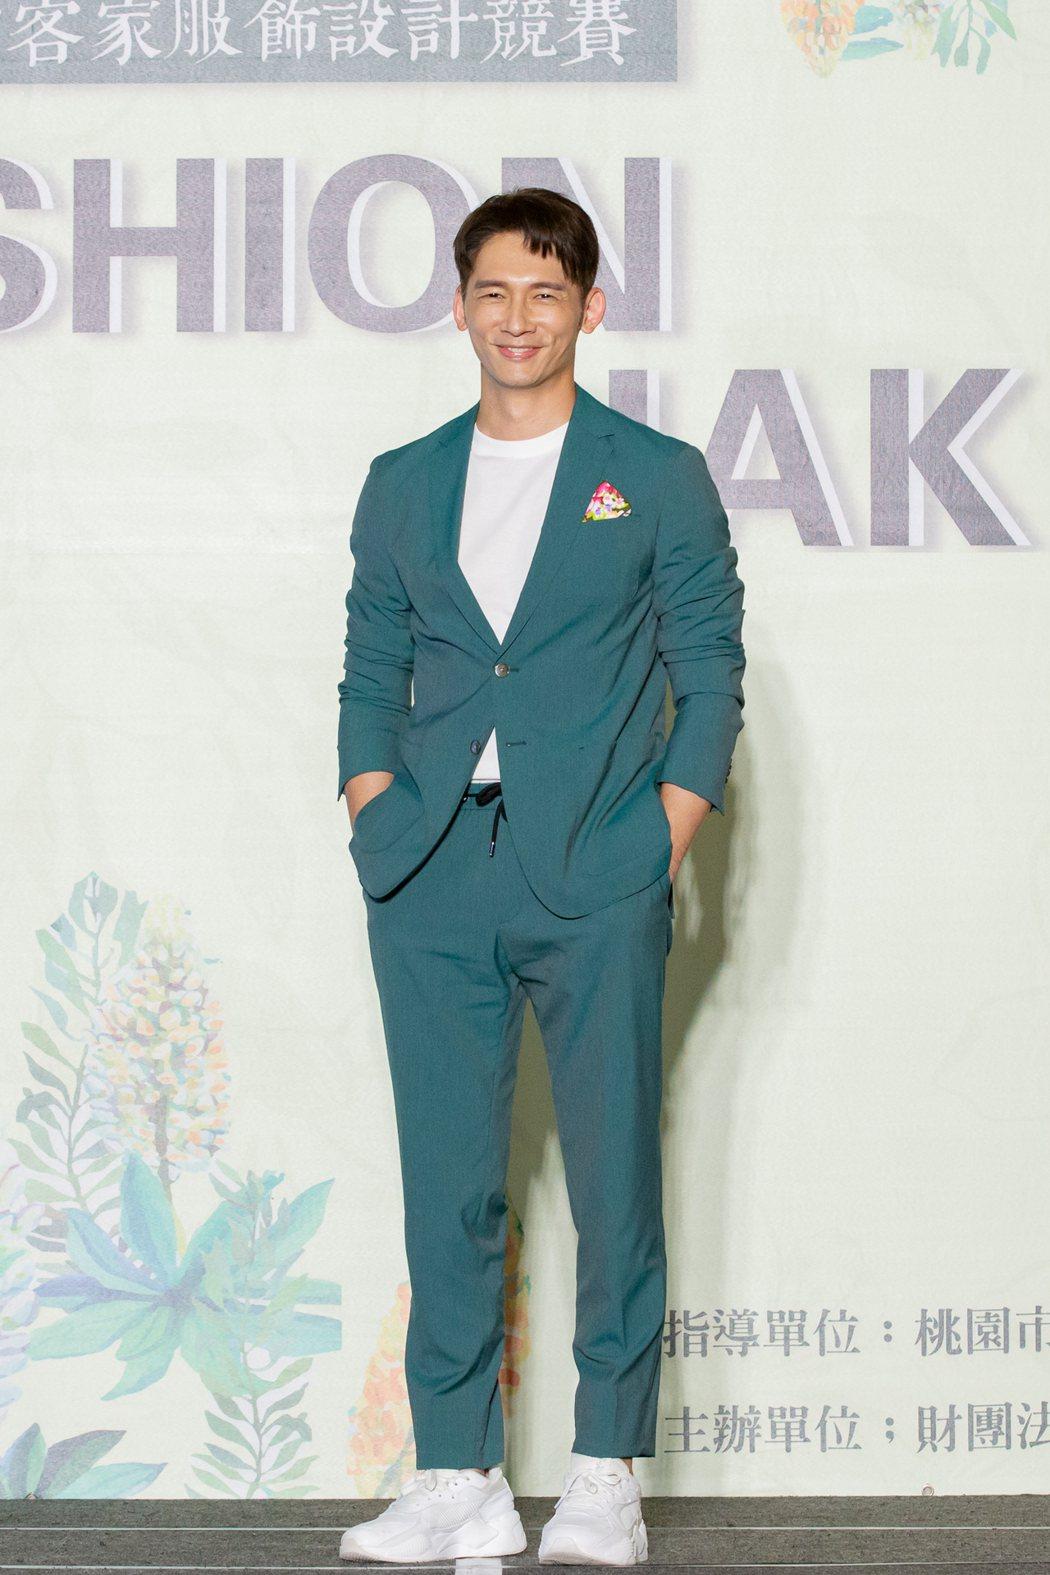 溫昇豪出席2020時尚客家服飾設計競賽活動。圖/桃園市客家文化基金會提供